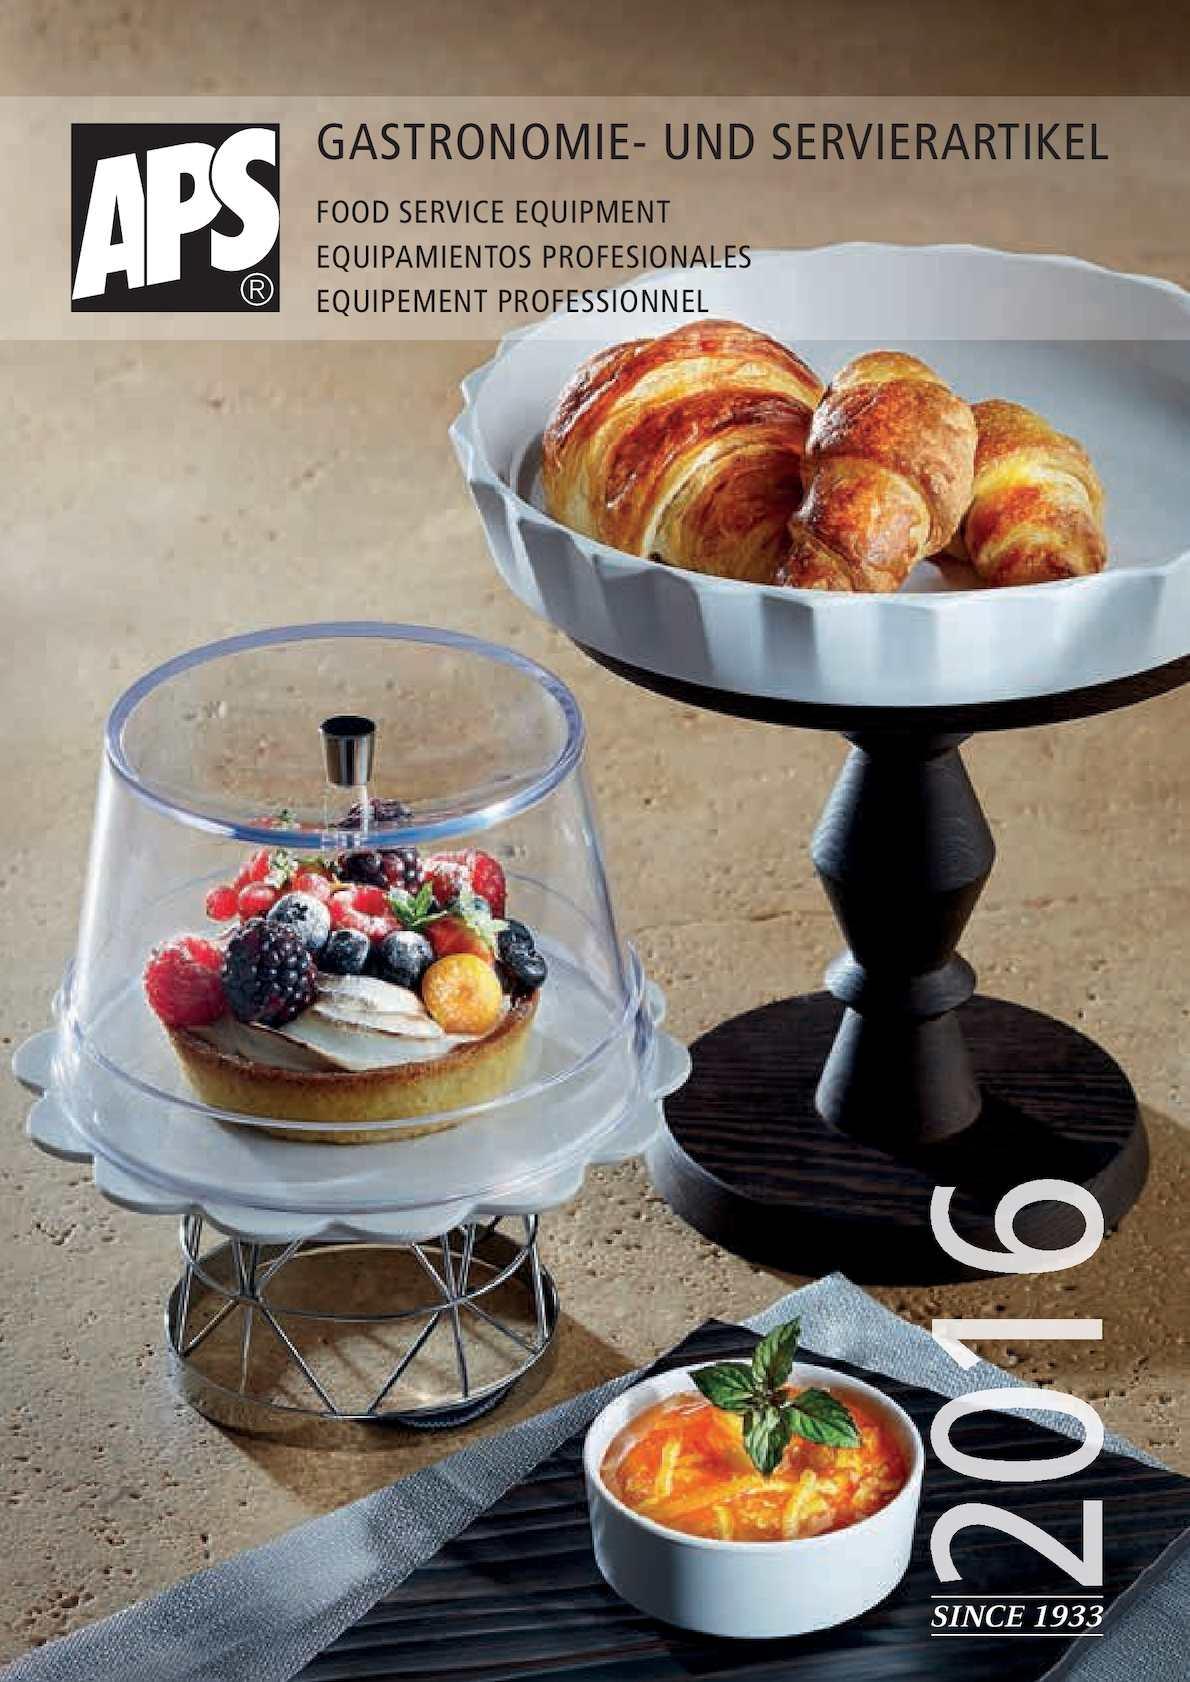 6x gewürzstreuer vidrio con tapa de acero inoxidable 3 diferentes tamaños de apertura cocina